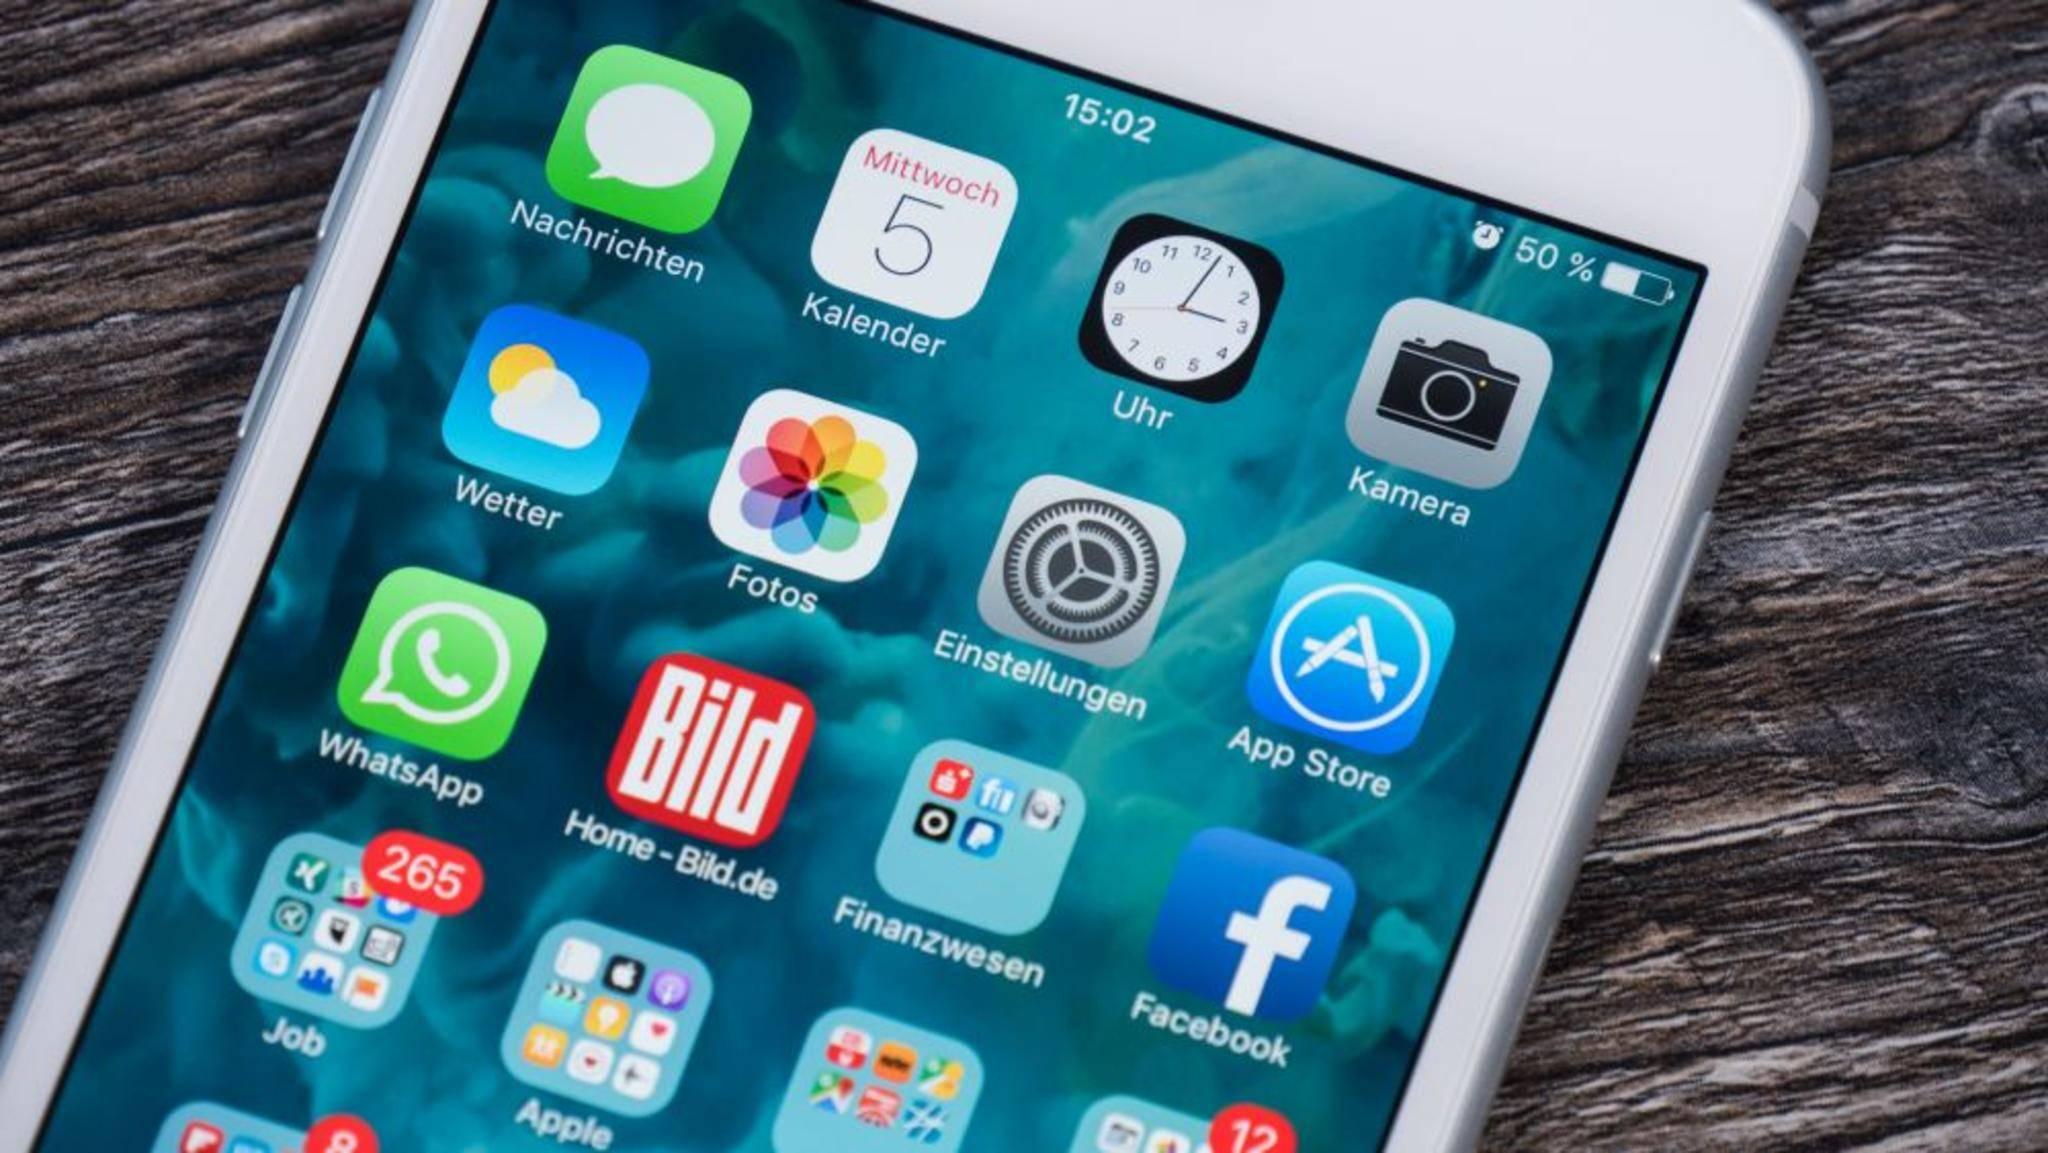 Dank verbesserter Software lässt sich das iPhone 7 Plus viel einfacher nutzen als das iPhone 1.